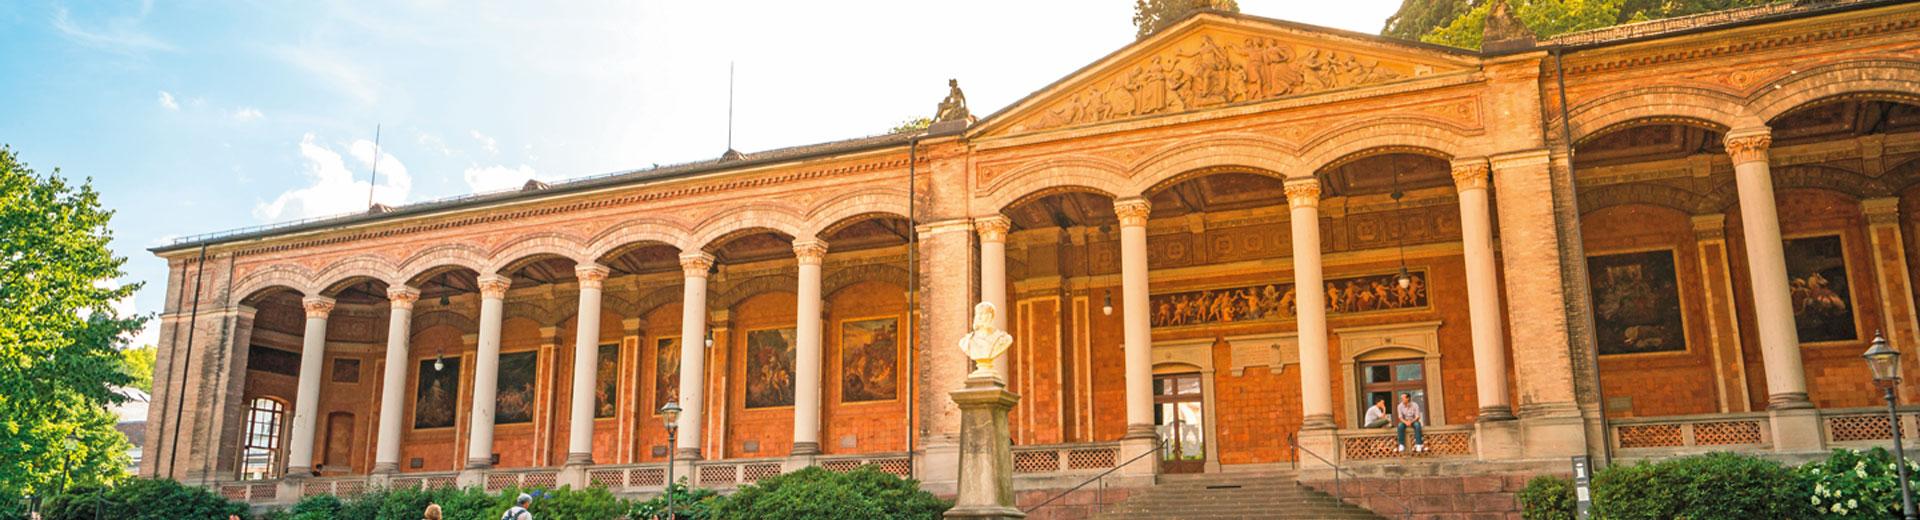 Städtereise Baden-Baden